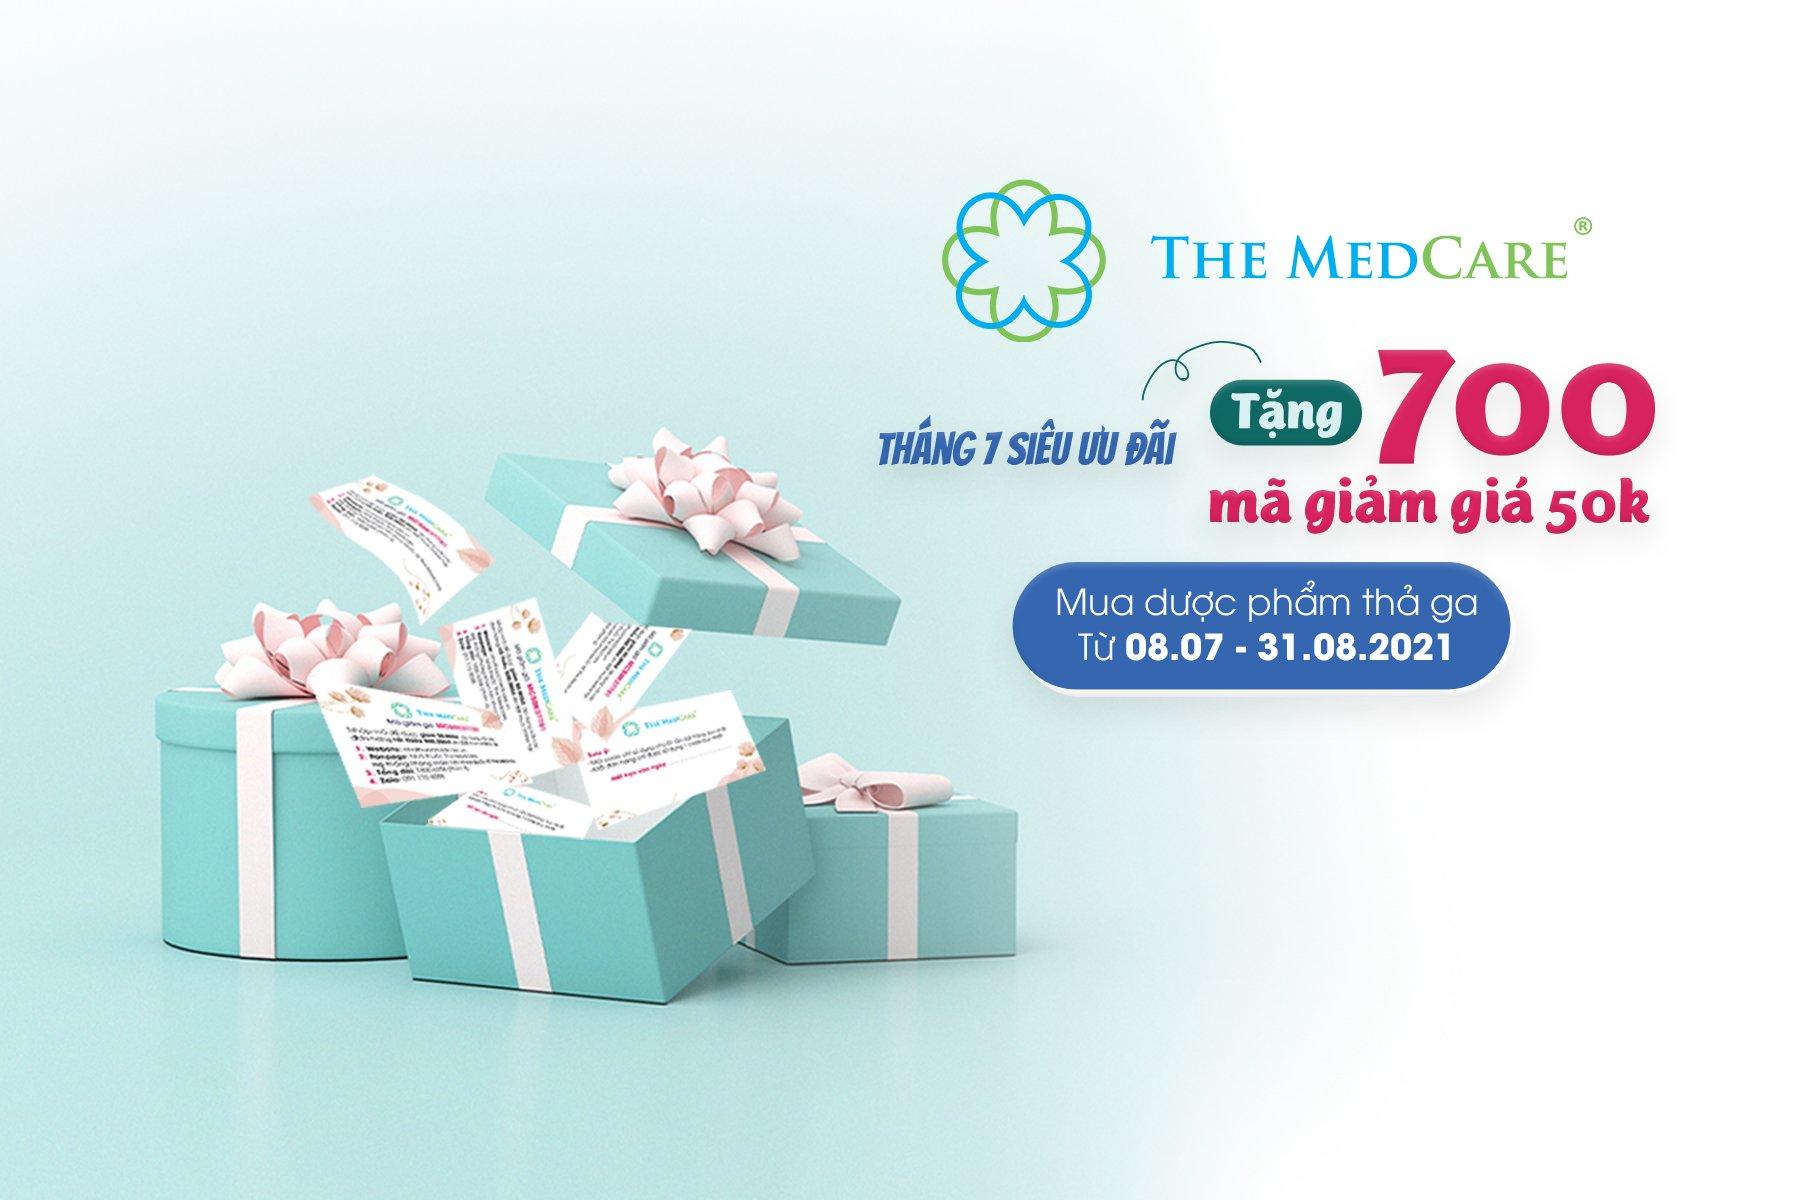 Tháng 7 ưu đãi - Tặng 700 mã giảm giá 50k, mua dược phẩm thả ga